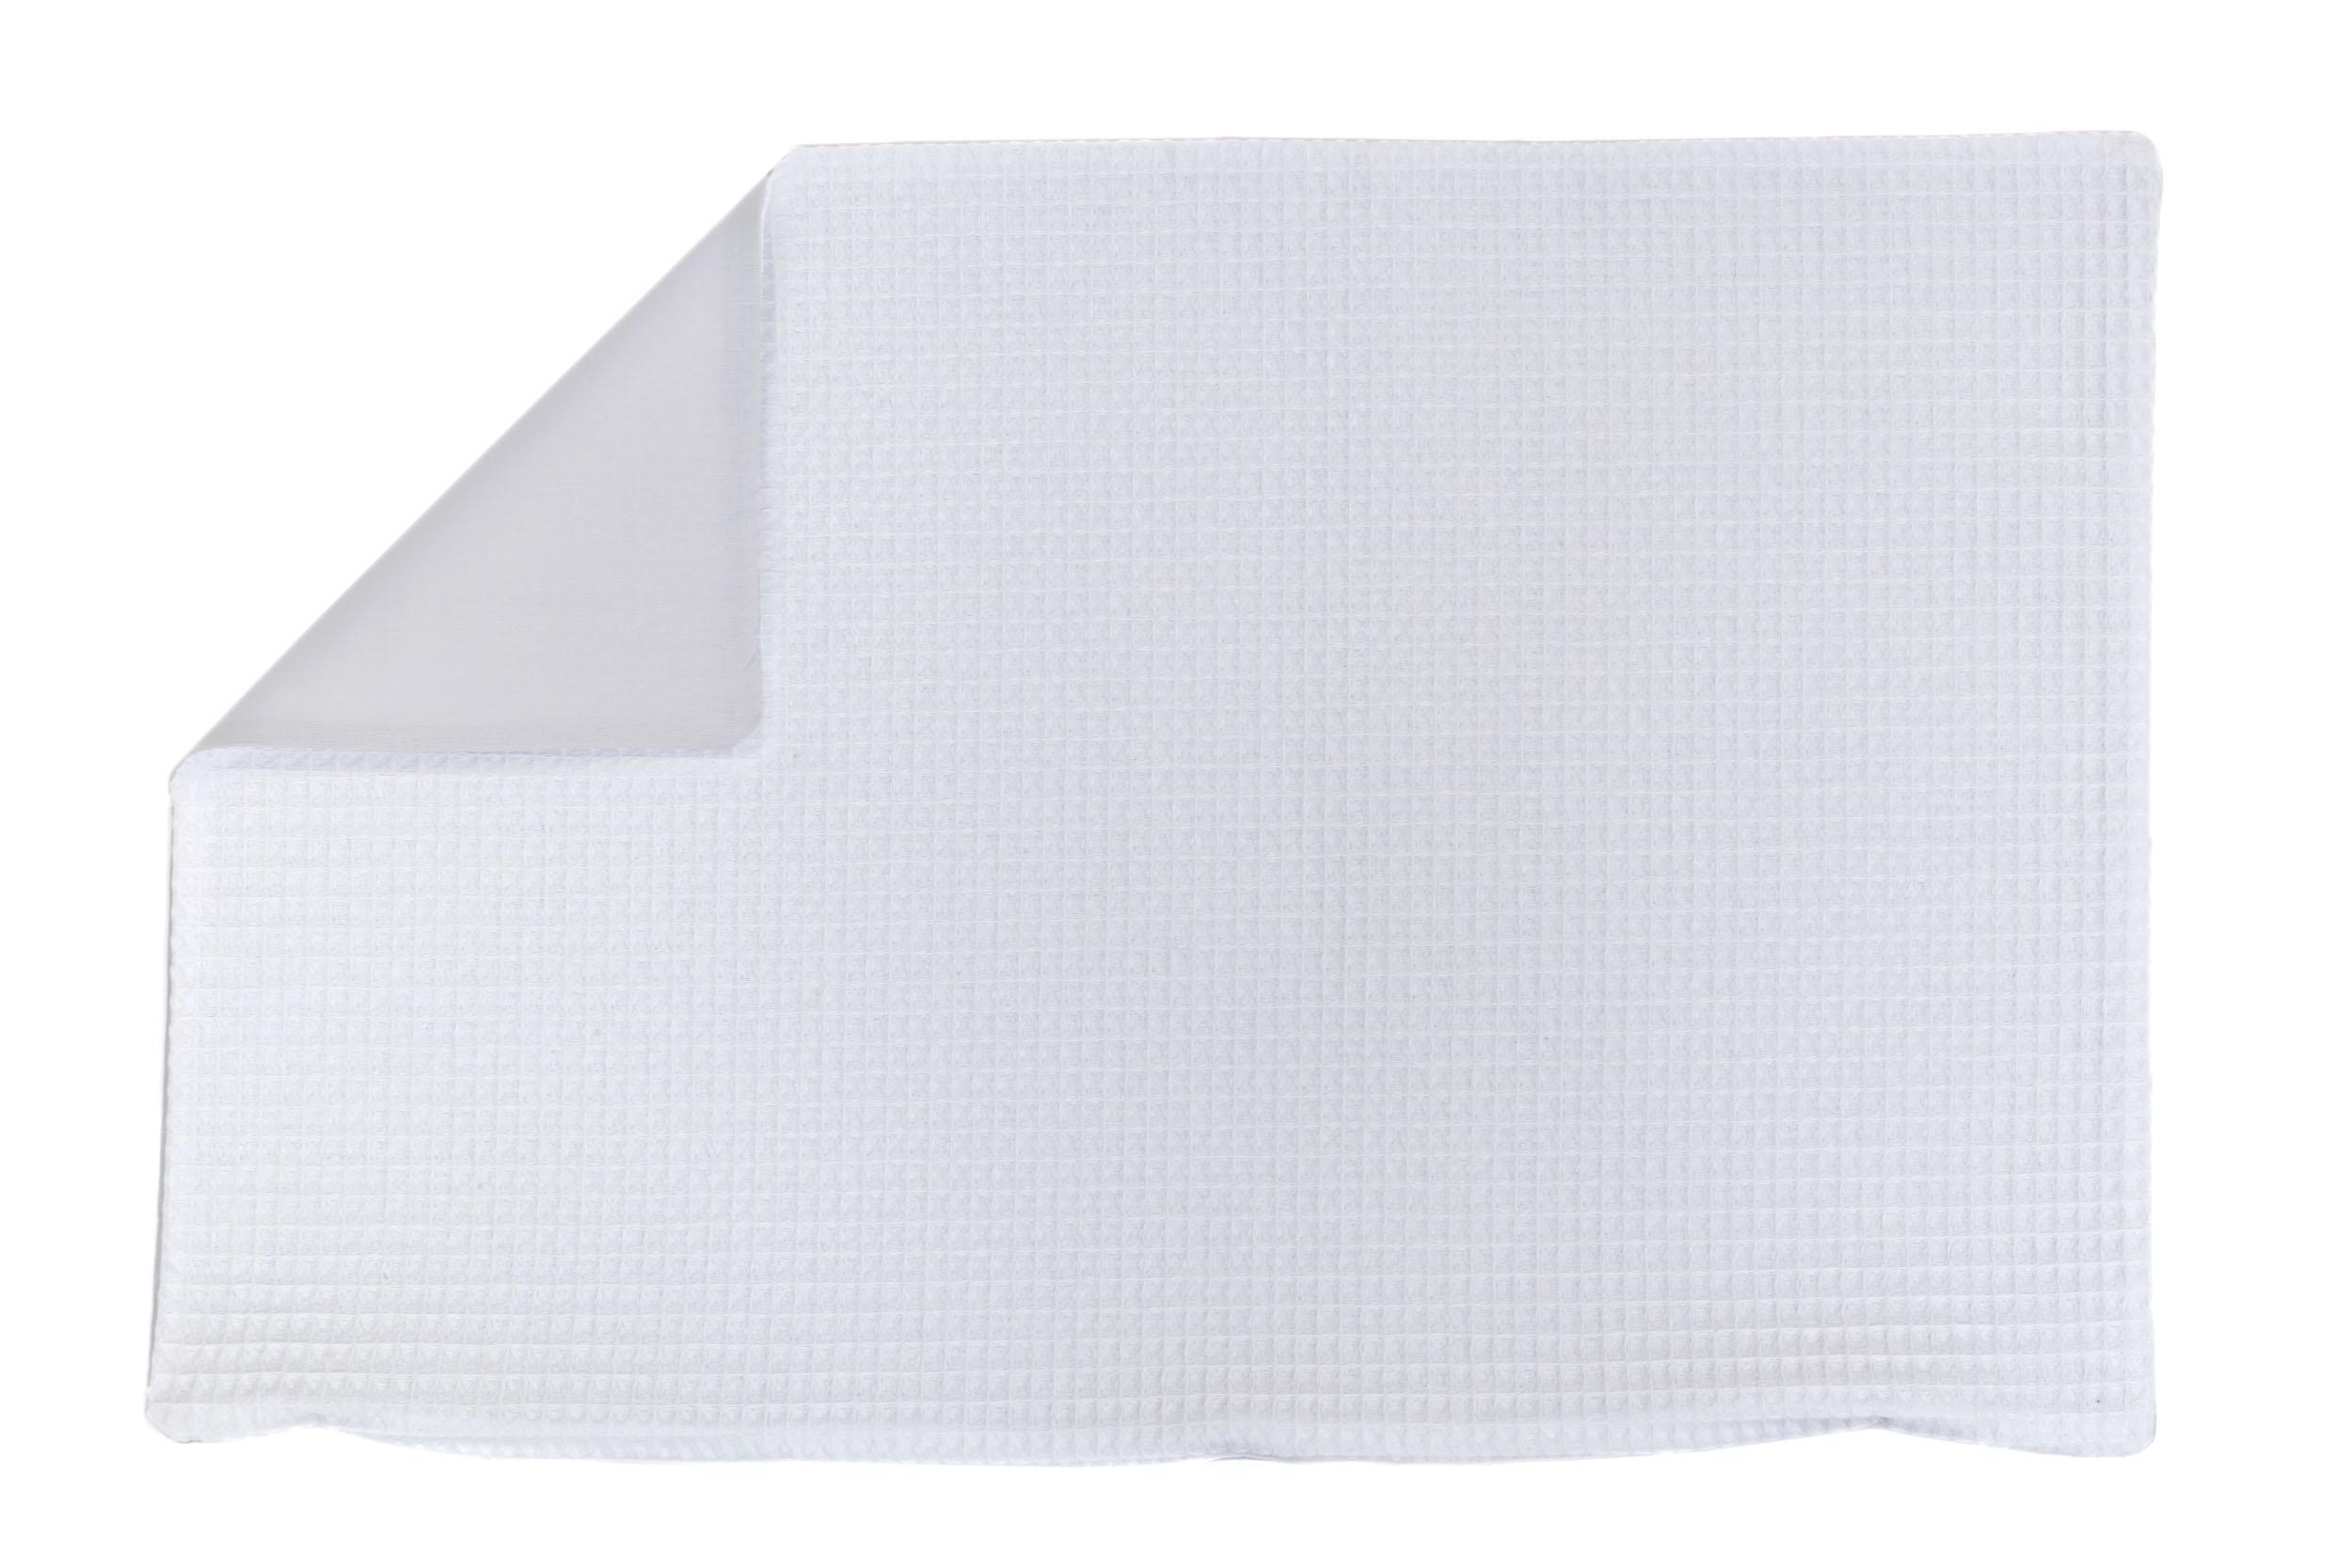 Kissenhülle Zierkissenbezug Kissenbezug ca. 60x40 cm für Kissen oder Dekokissen Weiß Hellgrau